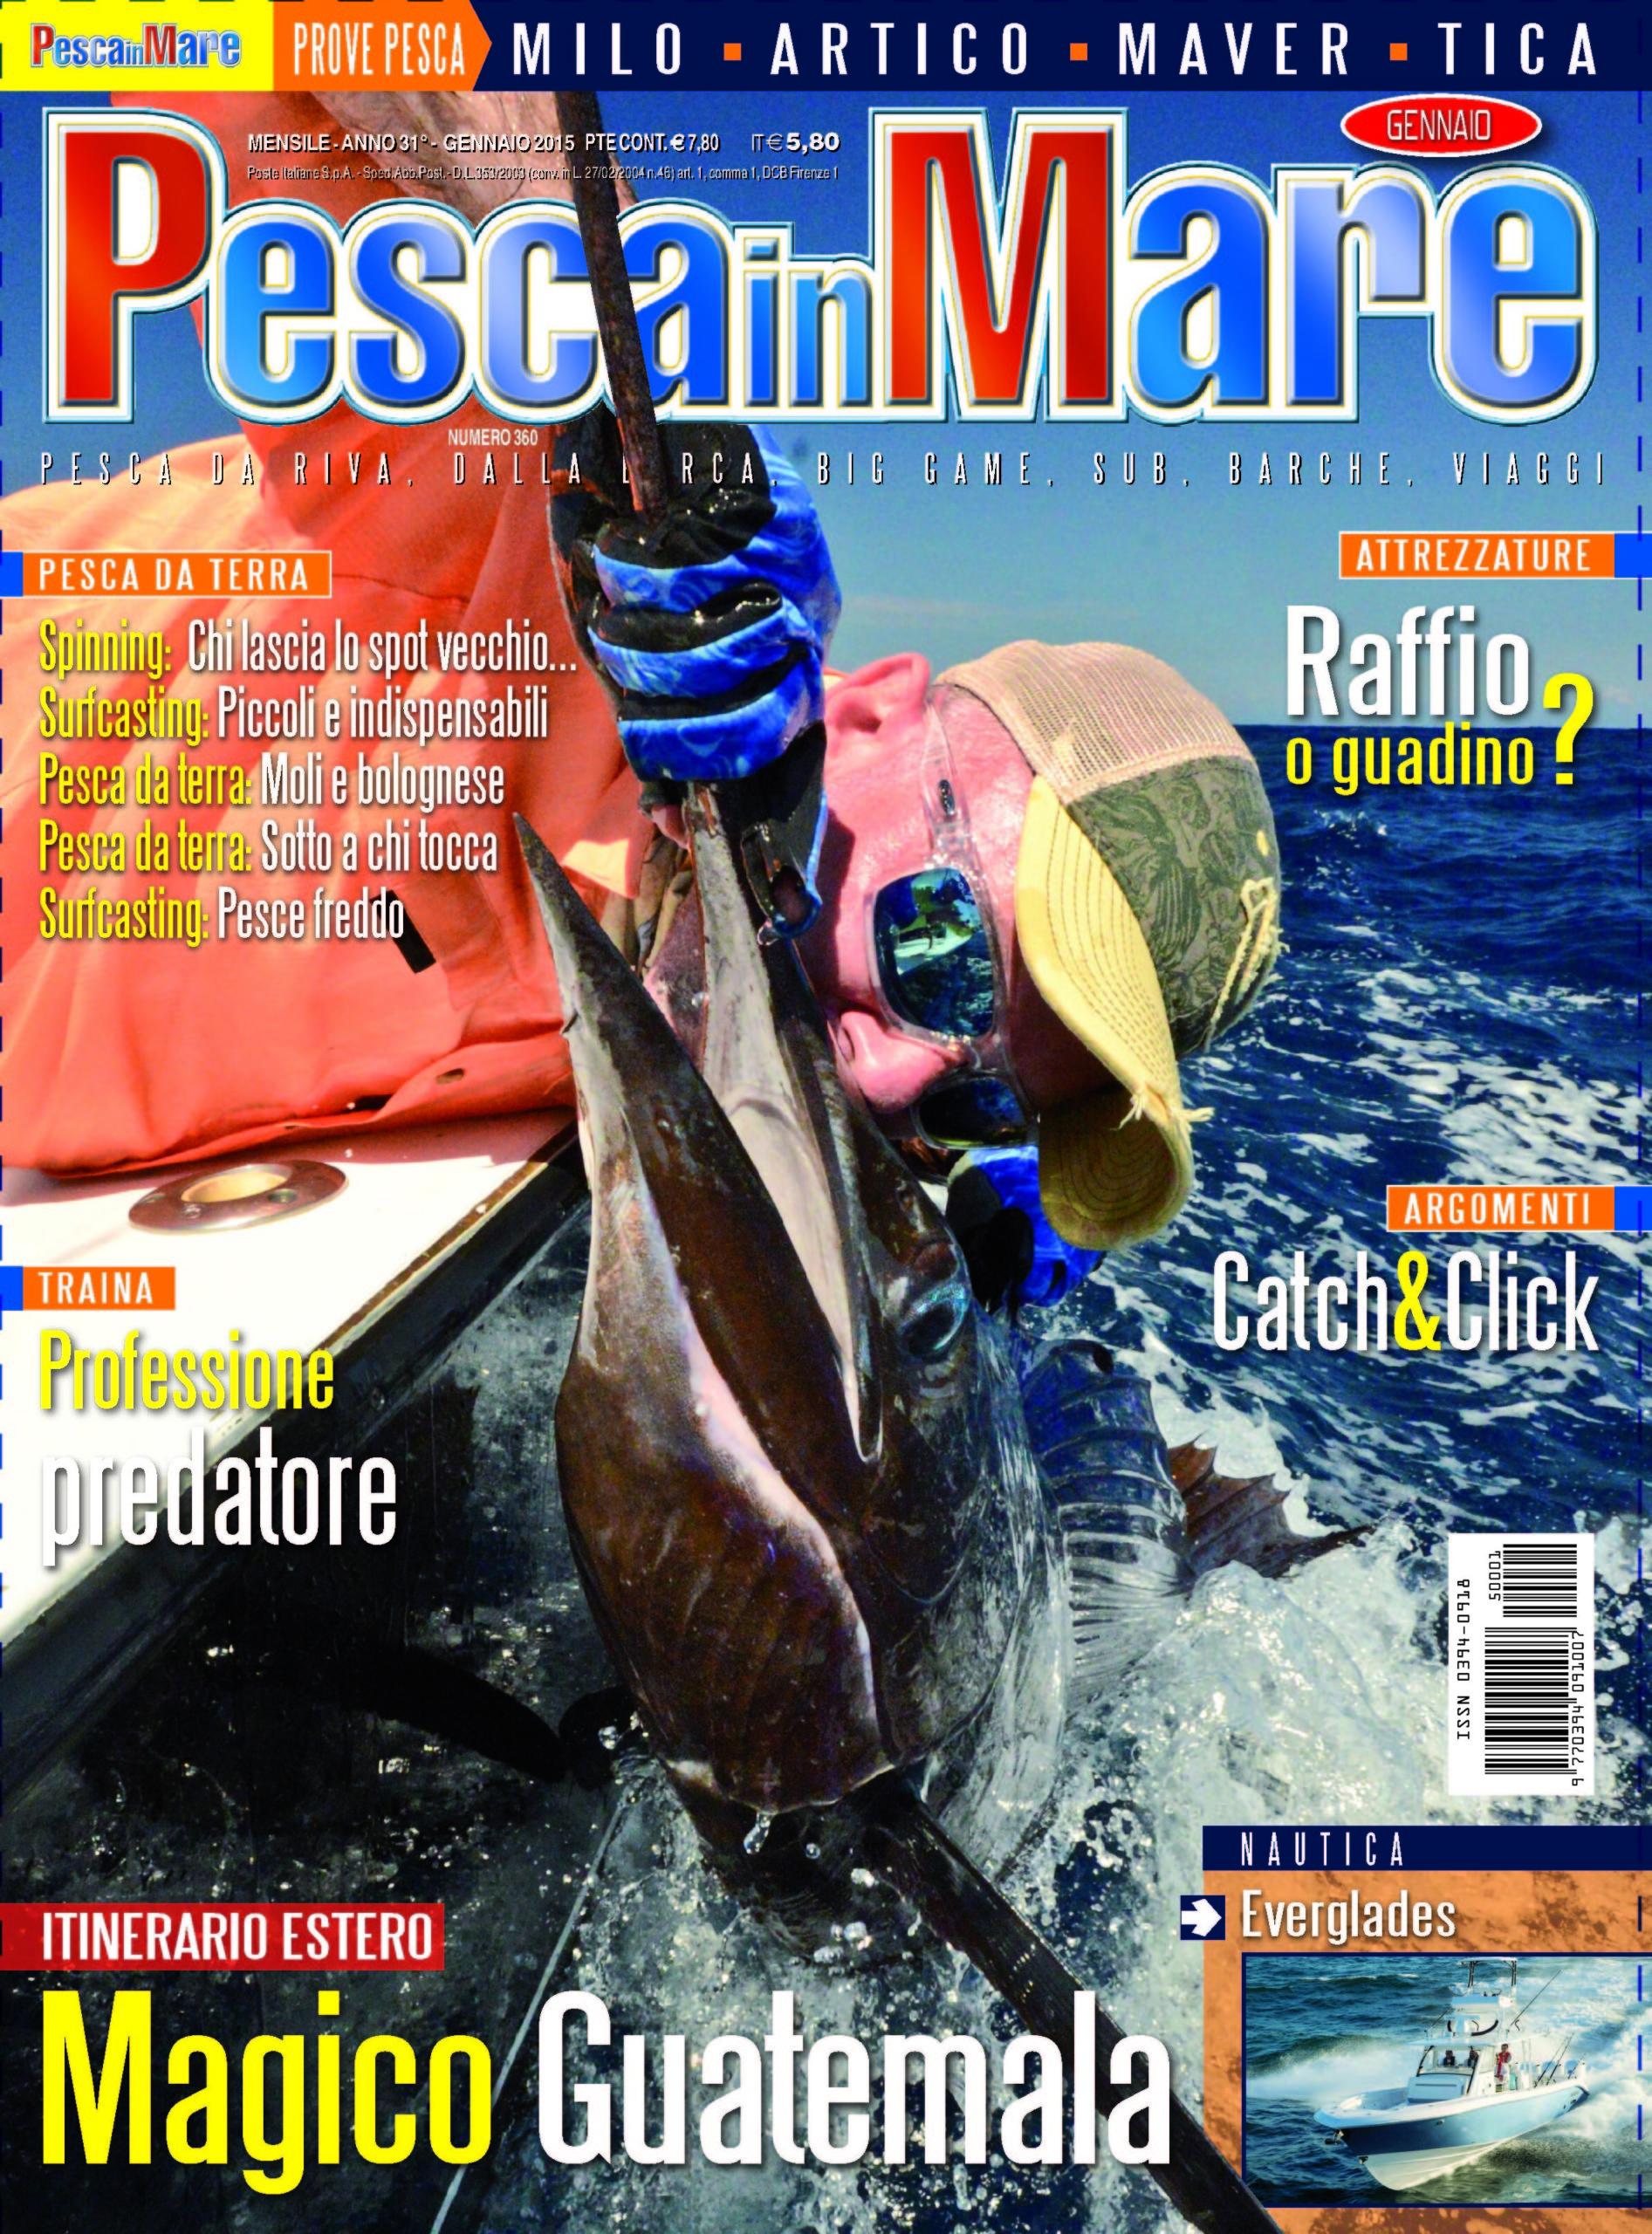 000 copertina_PescainMare_gen2015